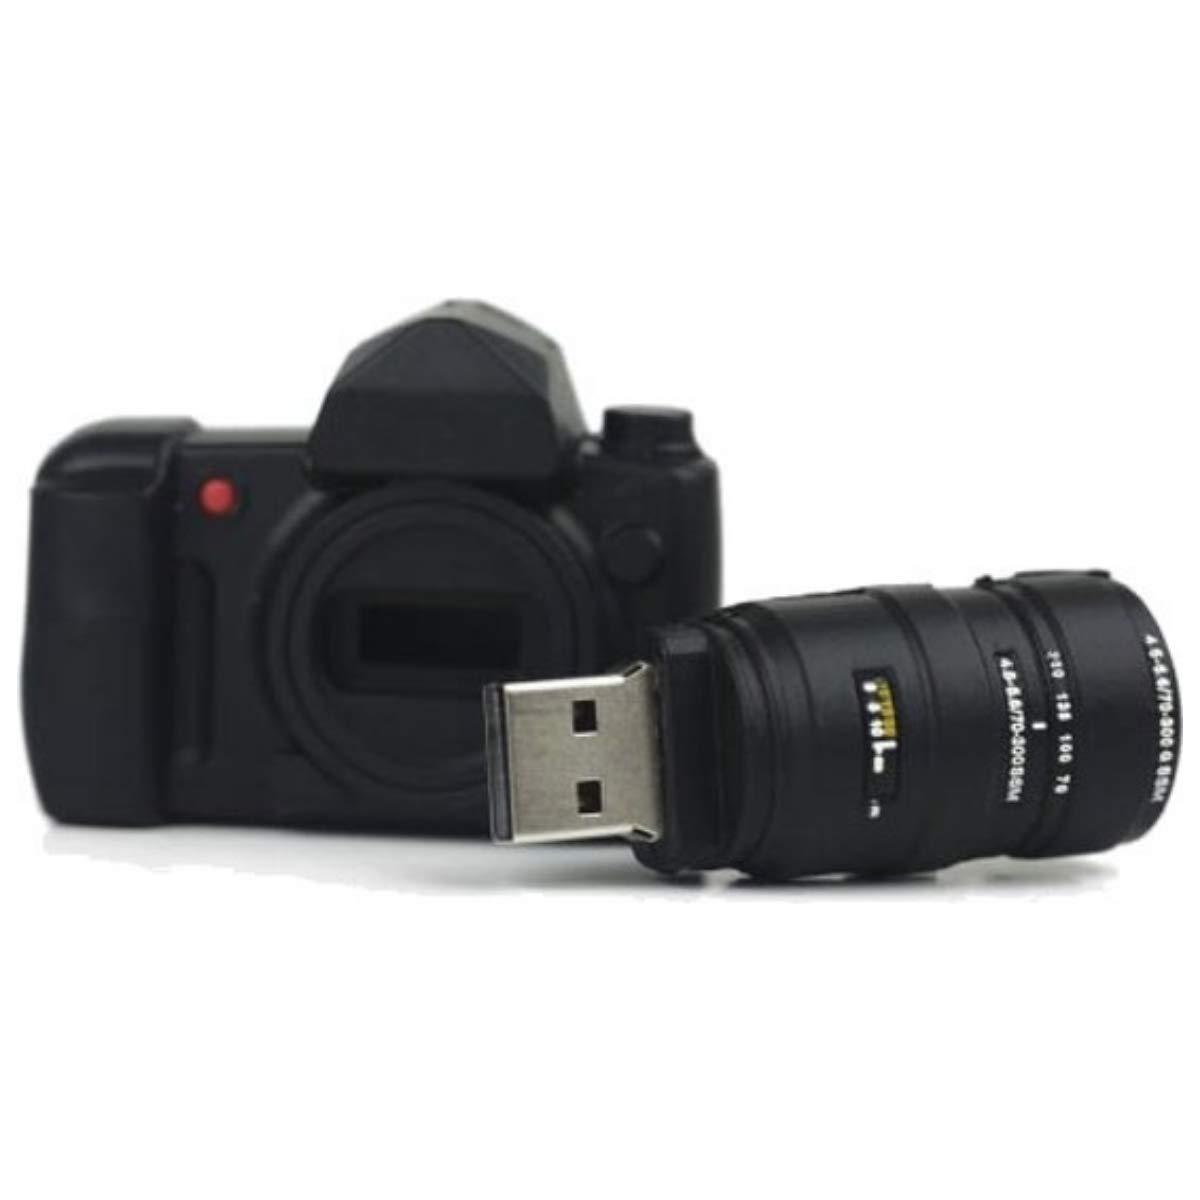 Memoria Almacenamiento de Datos Camera with Lens High Speed 3.0 Alta Velocidad Negro USB Flash Pen Drive Memory Stick Ulticool C/ámara con Lente de Fotos 16 GB